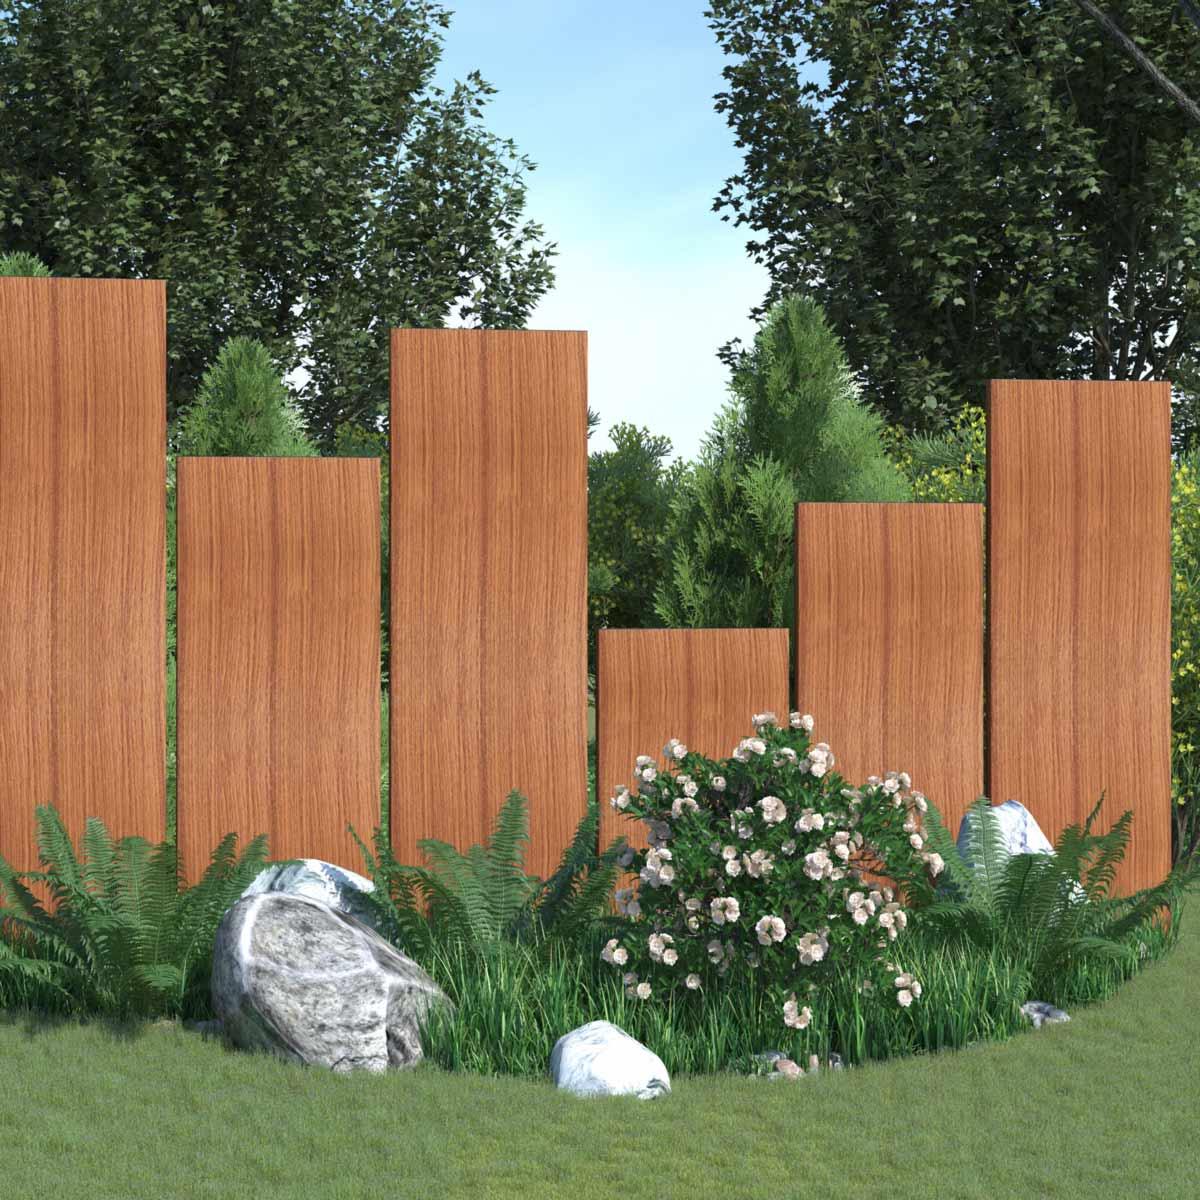 Full Size of Sichtschutz Holz Palisaden Streifen Douglasie Holzhäuser Garten Esstische Massivholz Esstisch Ausziehbar Fenster Alu Küche Modern Für Schlafzimmer Fliesen Wohnzimmer Sichtschutz Holz